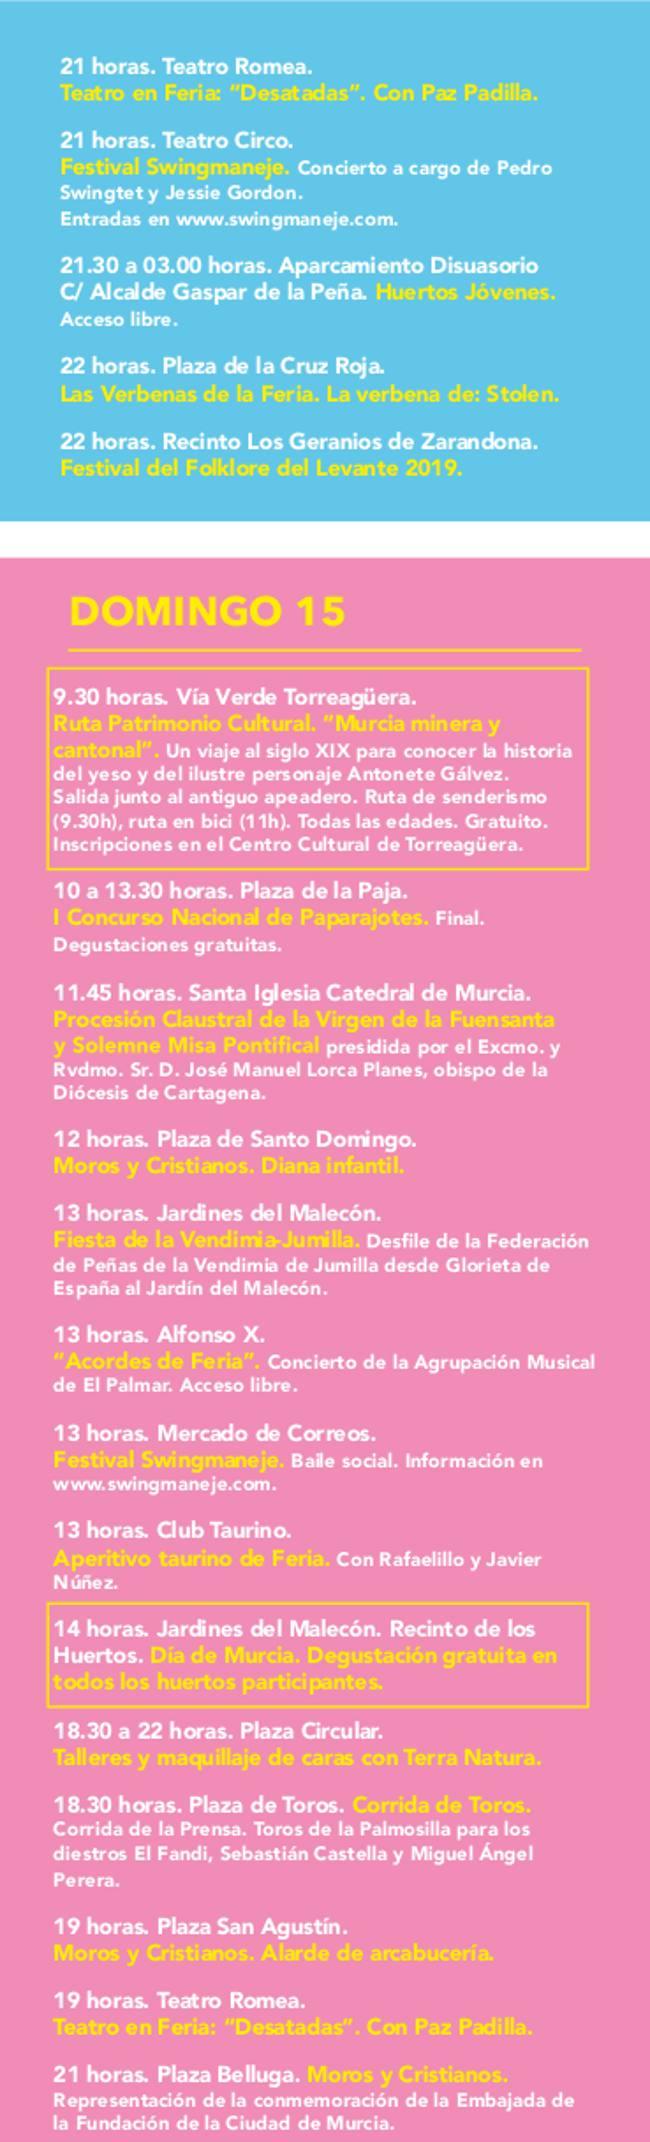 programa-feria-septiembre-murcia-2019-09.jpg